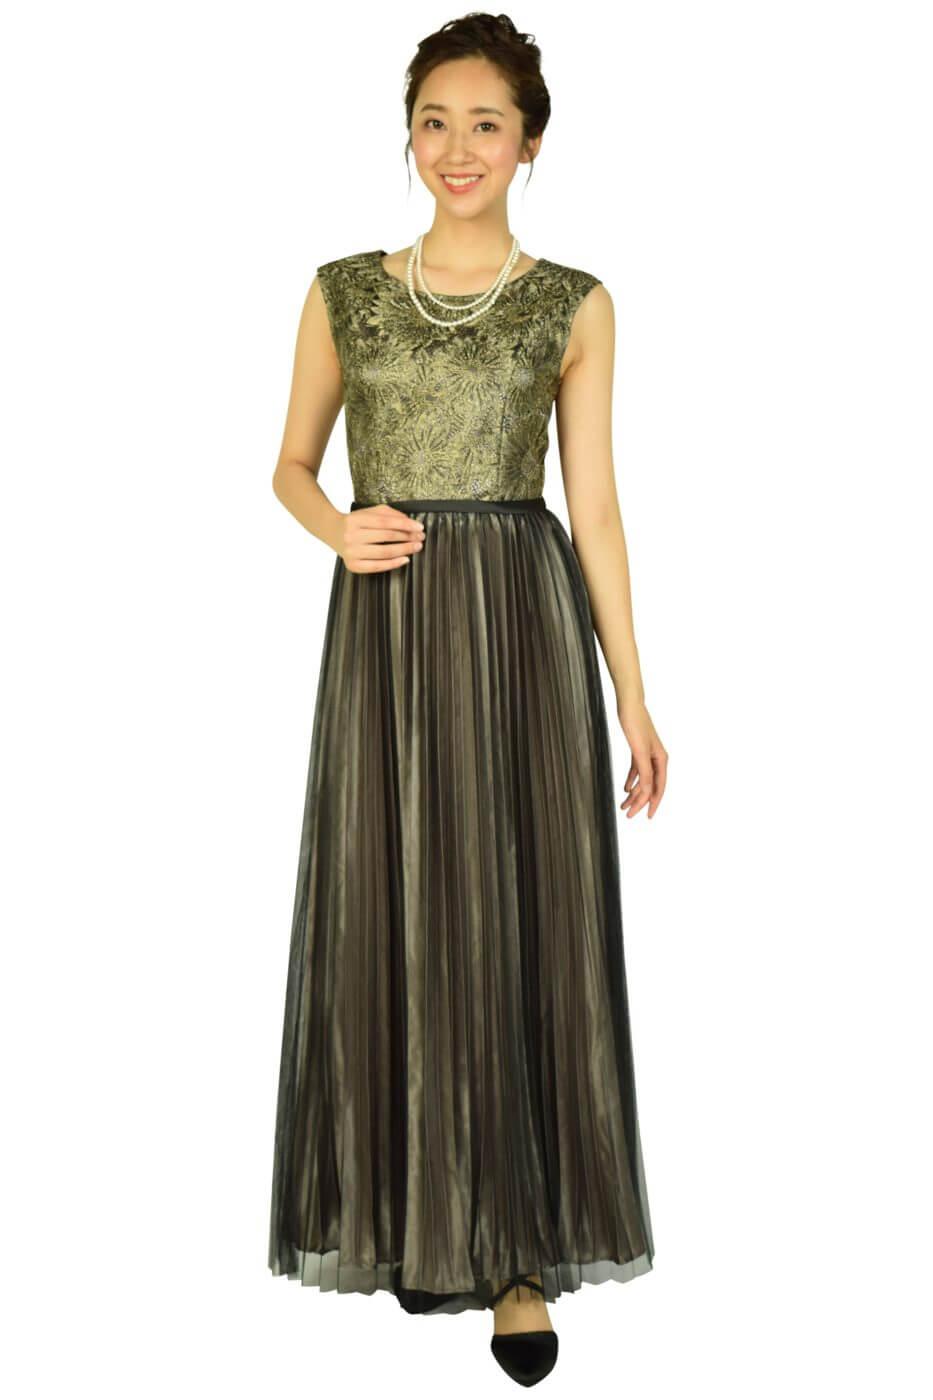 ルメイユチュール (Lemeillture)プリーツブラック×ゴールドロングドレス